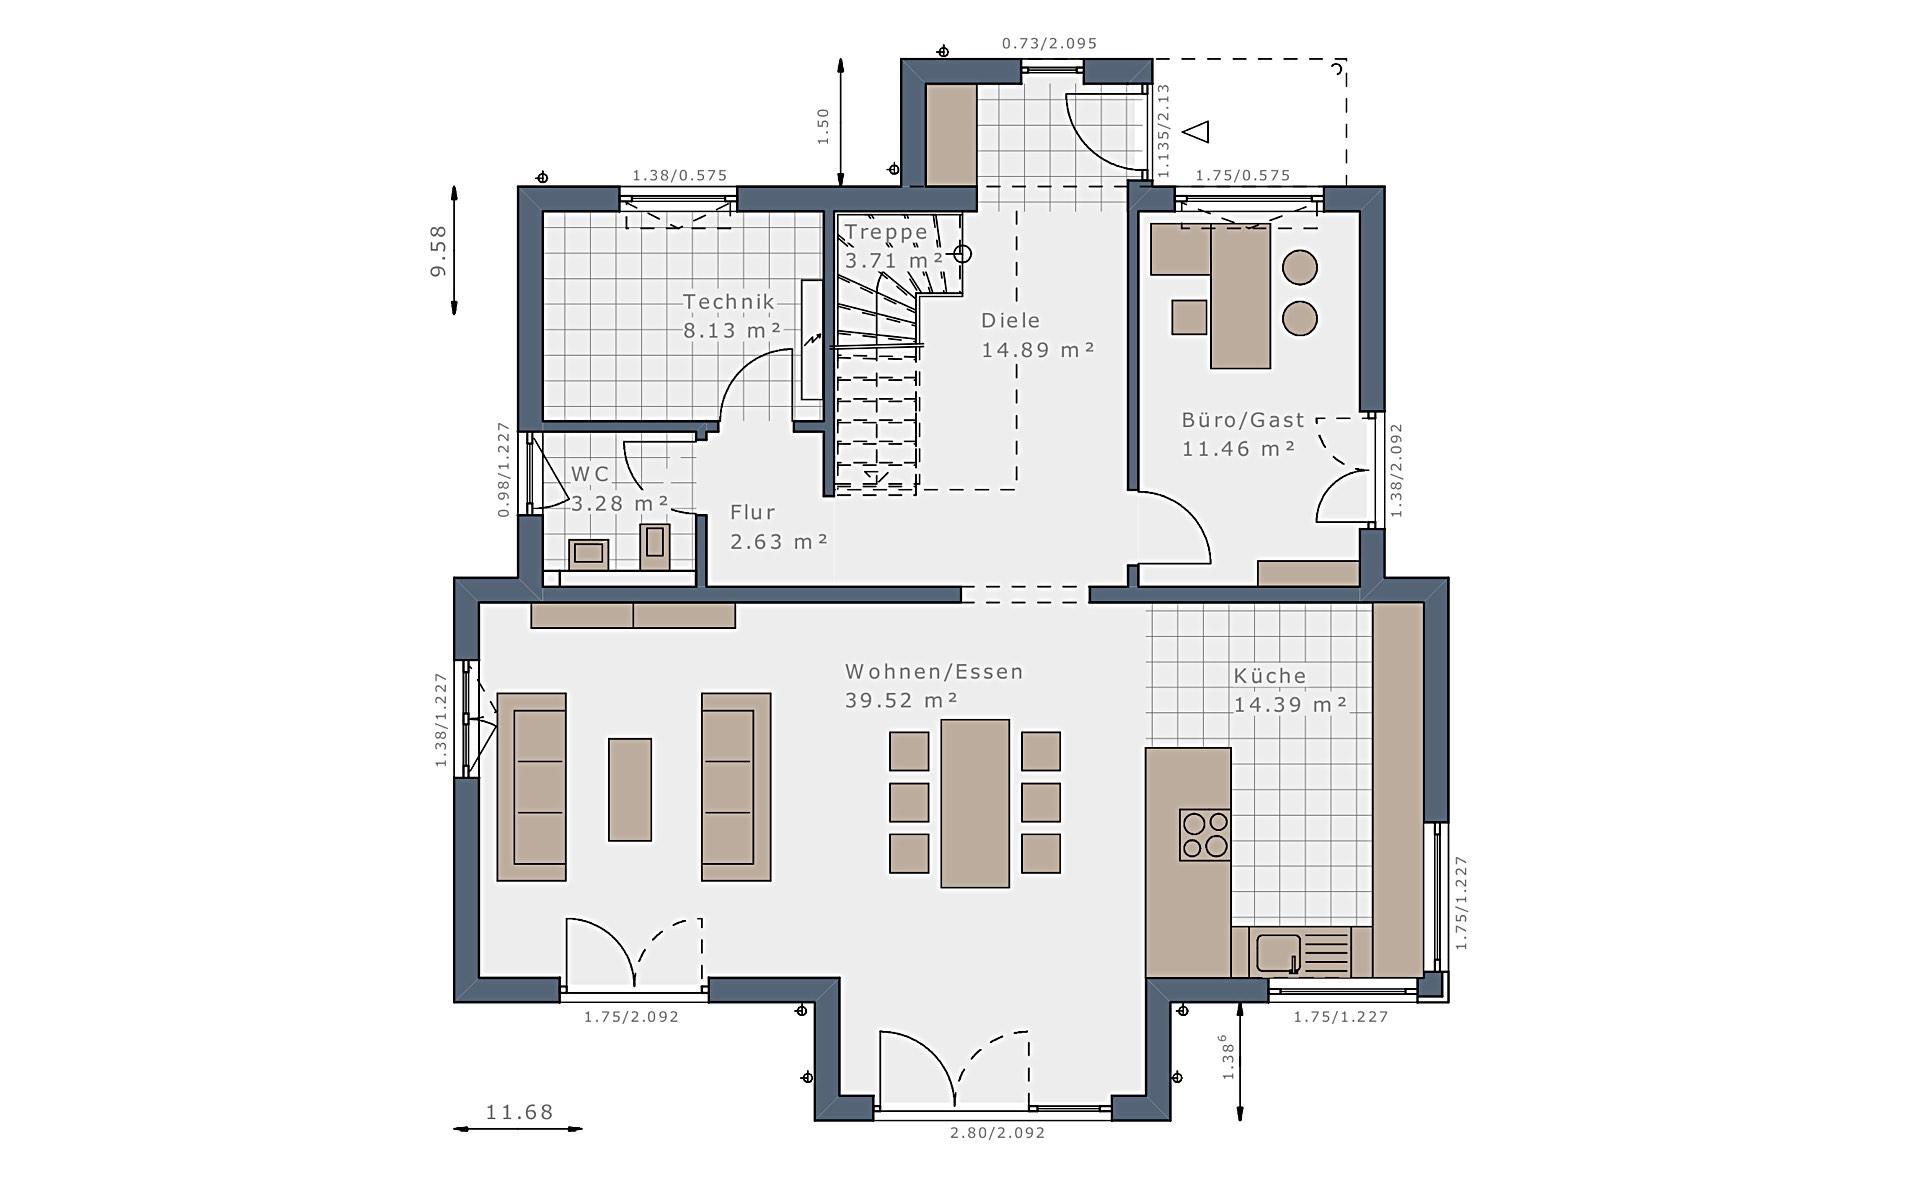 Erdgeschoss Selection-E-175 E3 von Schwabenhaus GmbH & Co. KG